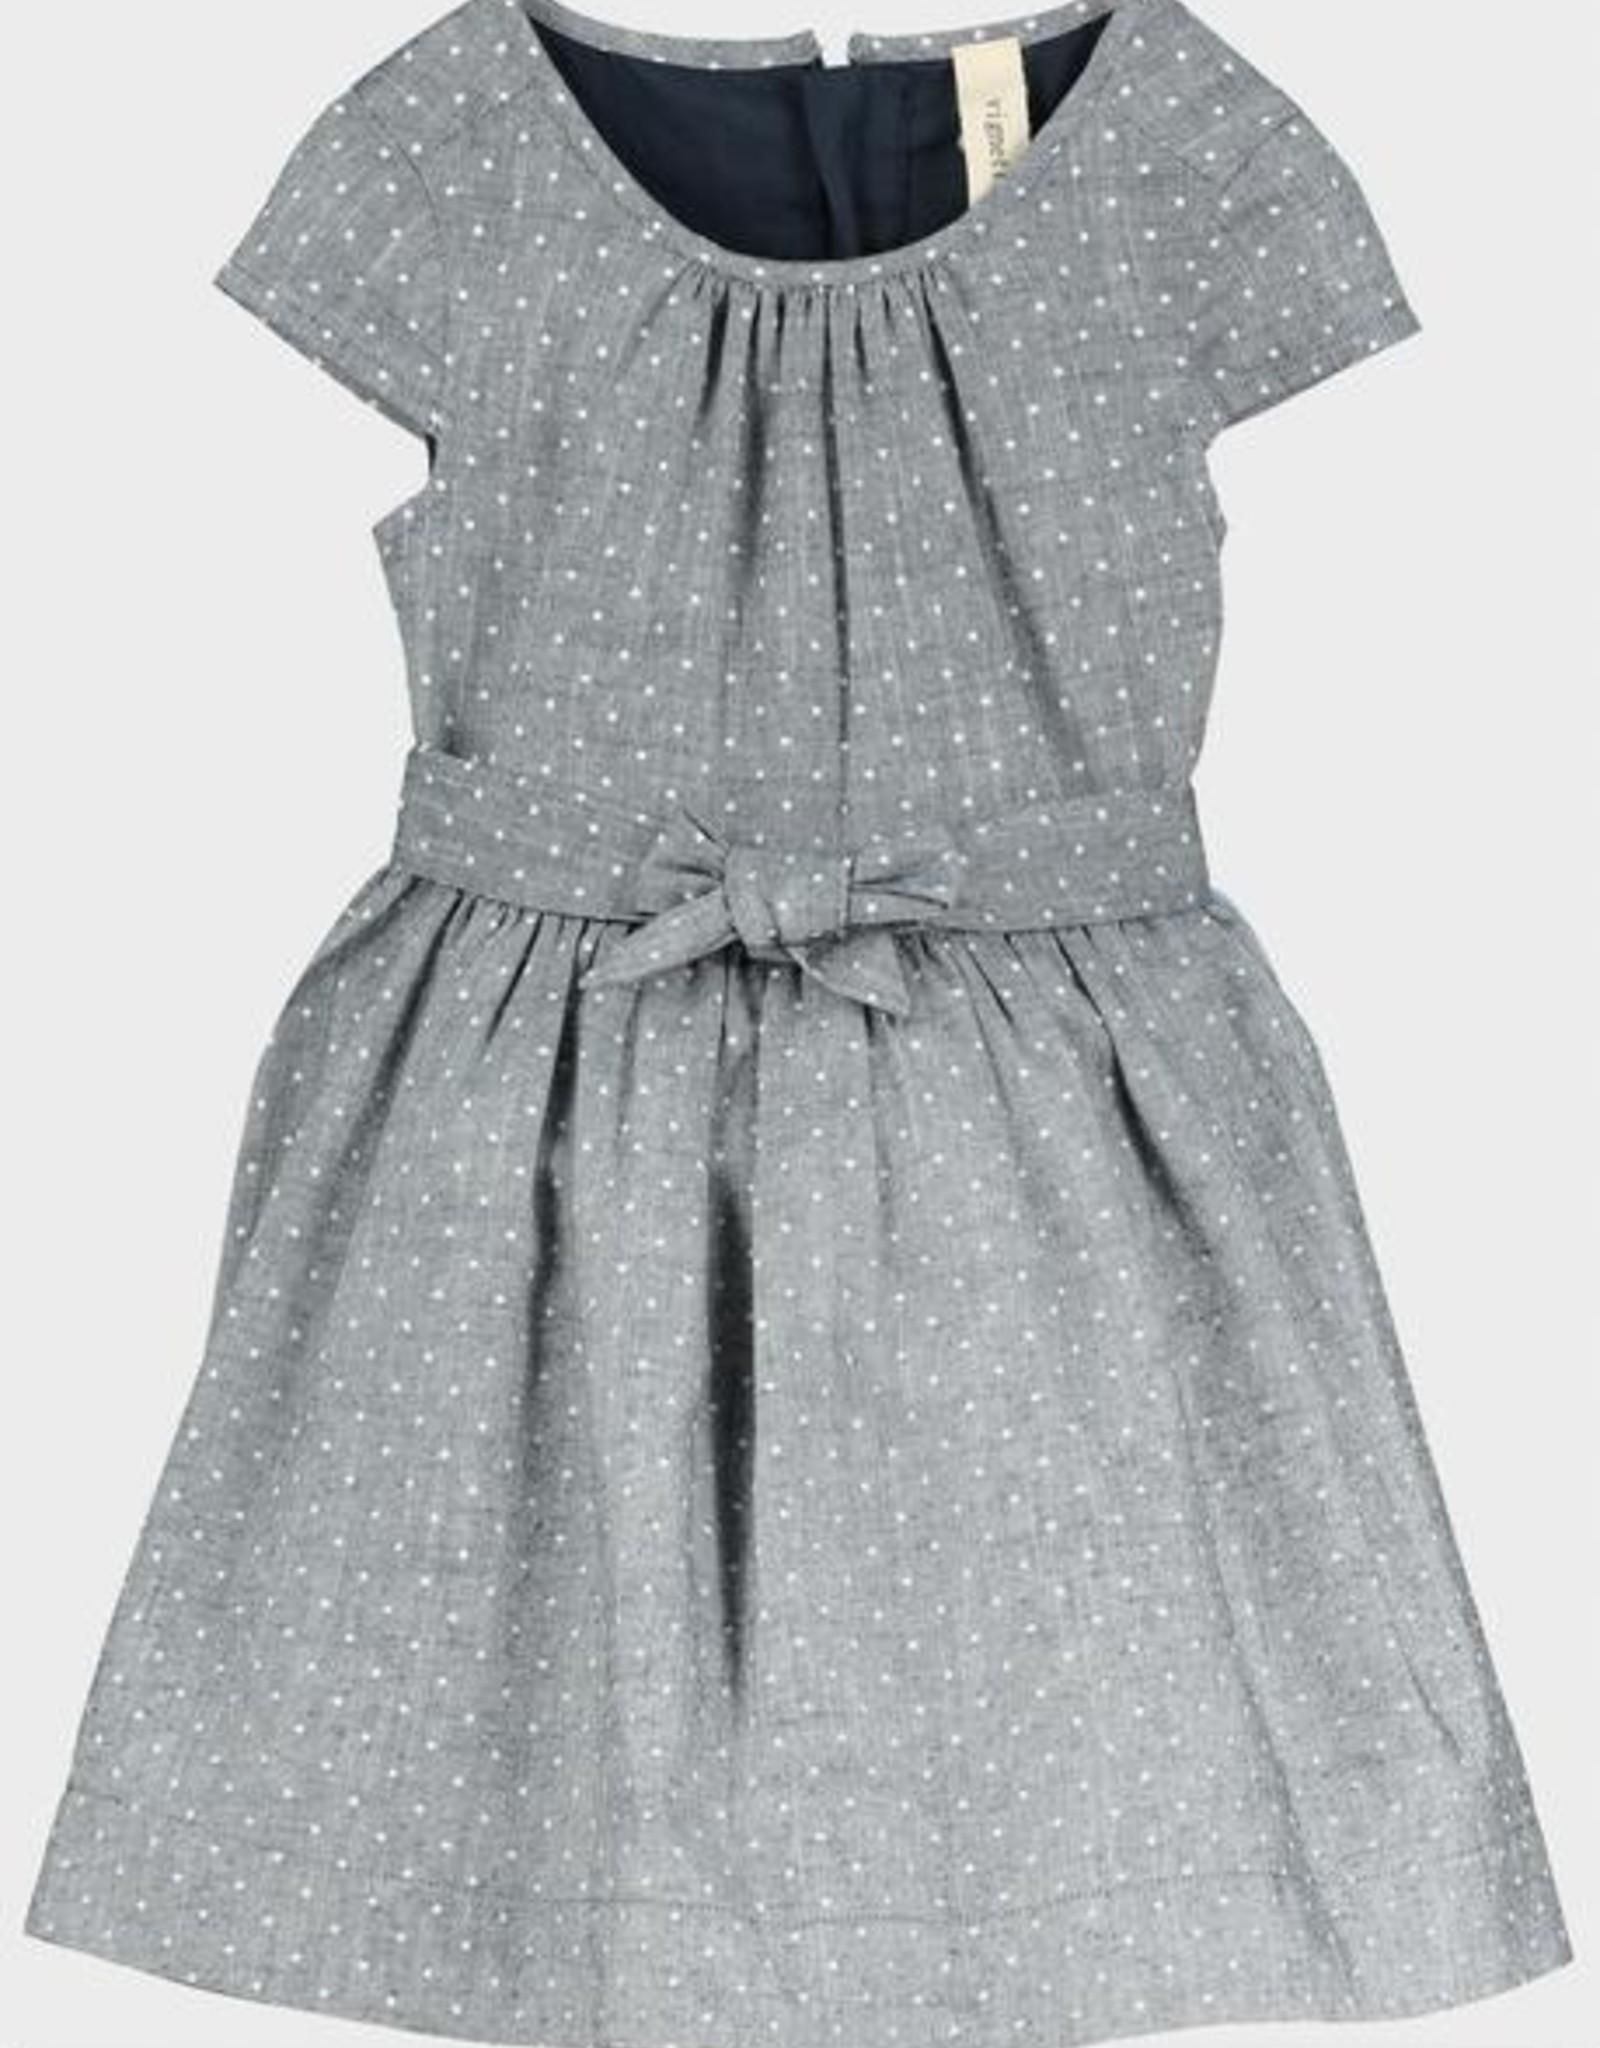 Vignette SP21 G Harper Dress